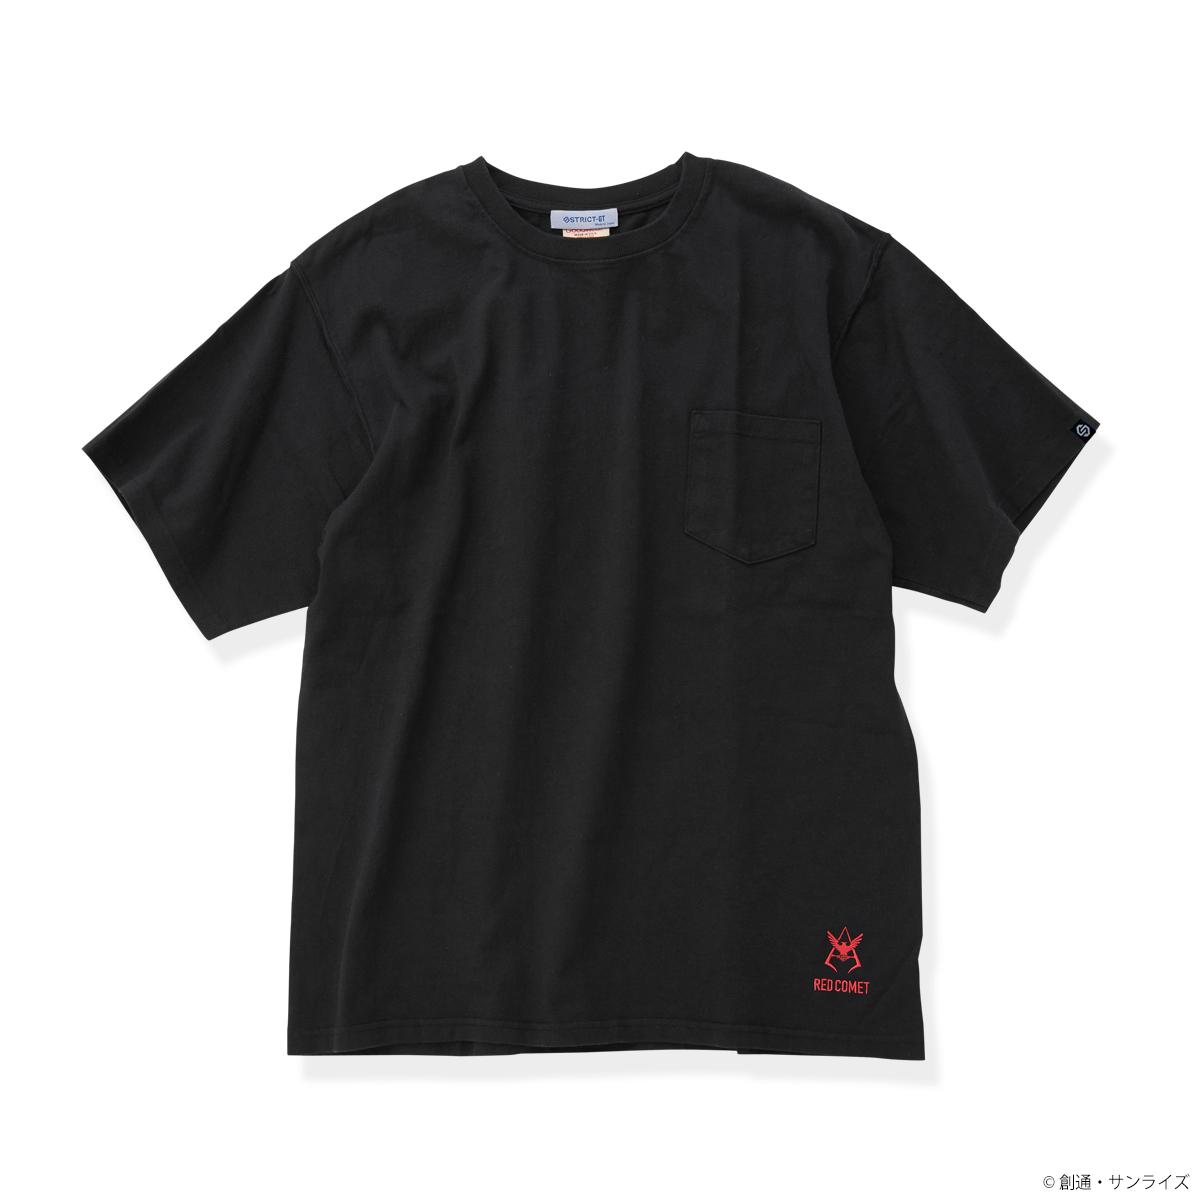 アメリカマサチューセッツ州生まれの「Goodwear」『機動戦士ガンダム』ヘビーウエイトポケットTシャツ登場!